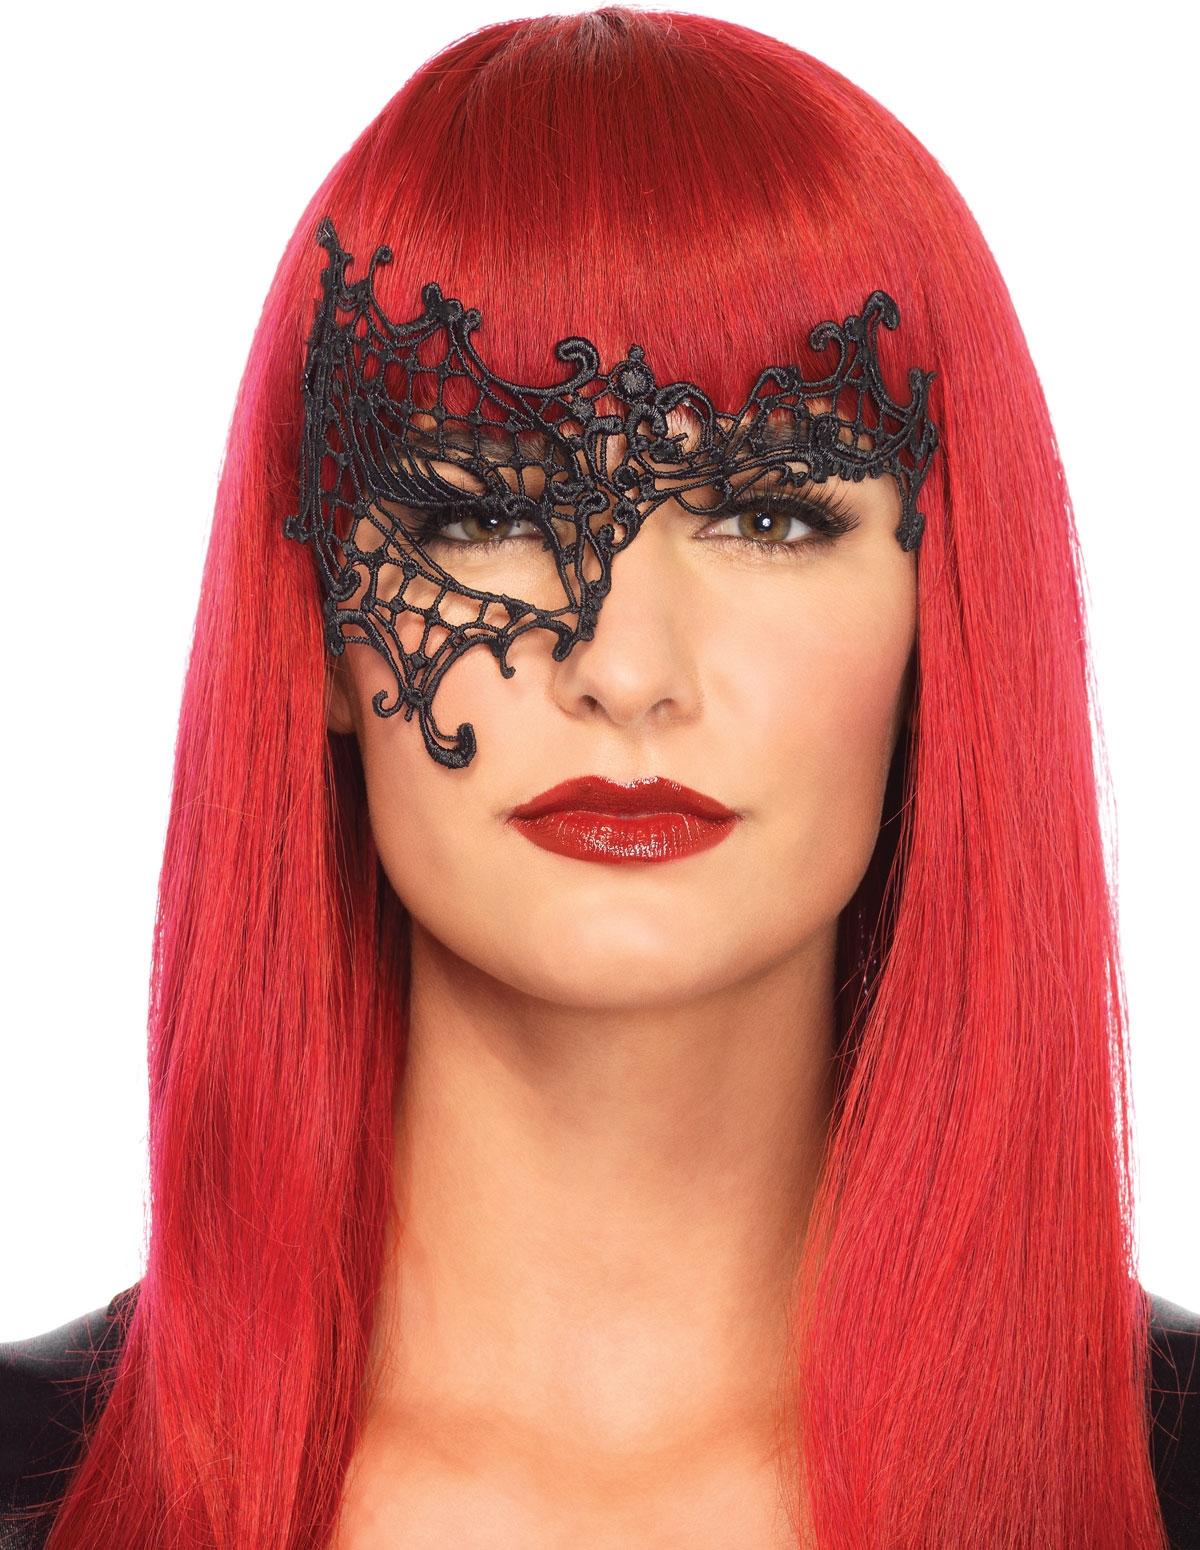 Daring Venetian Mask